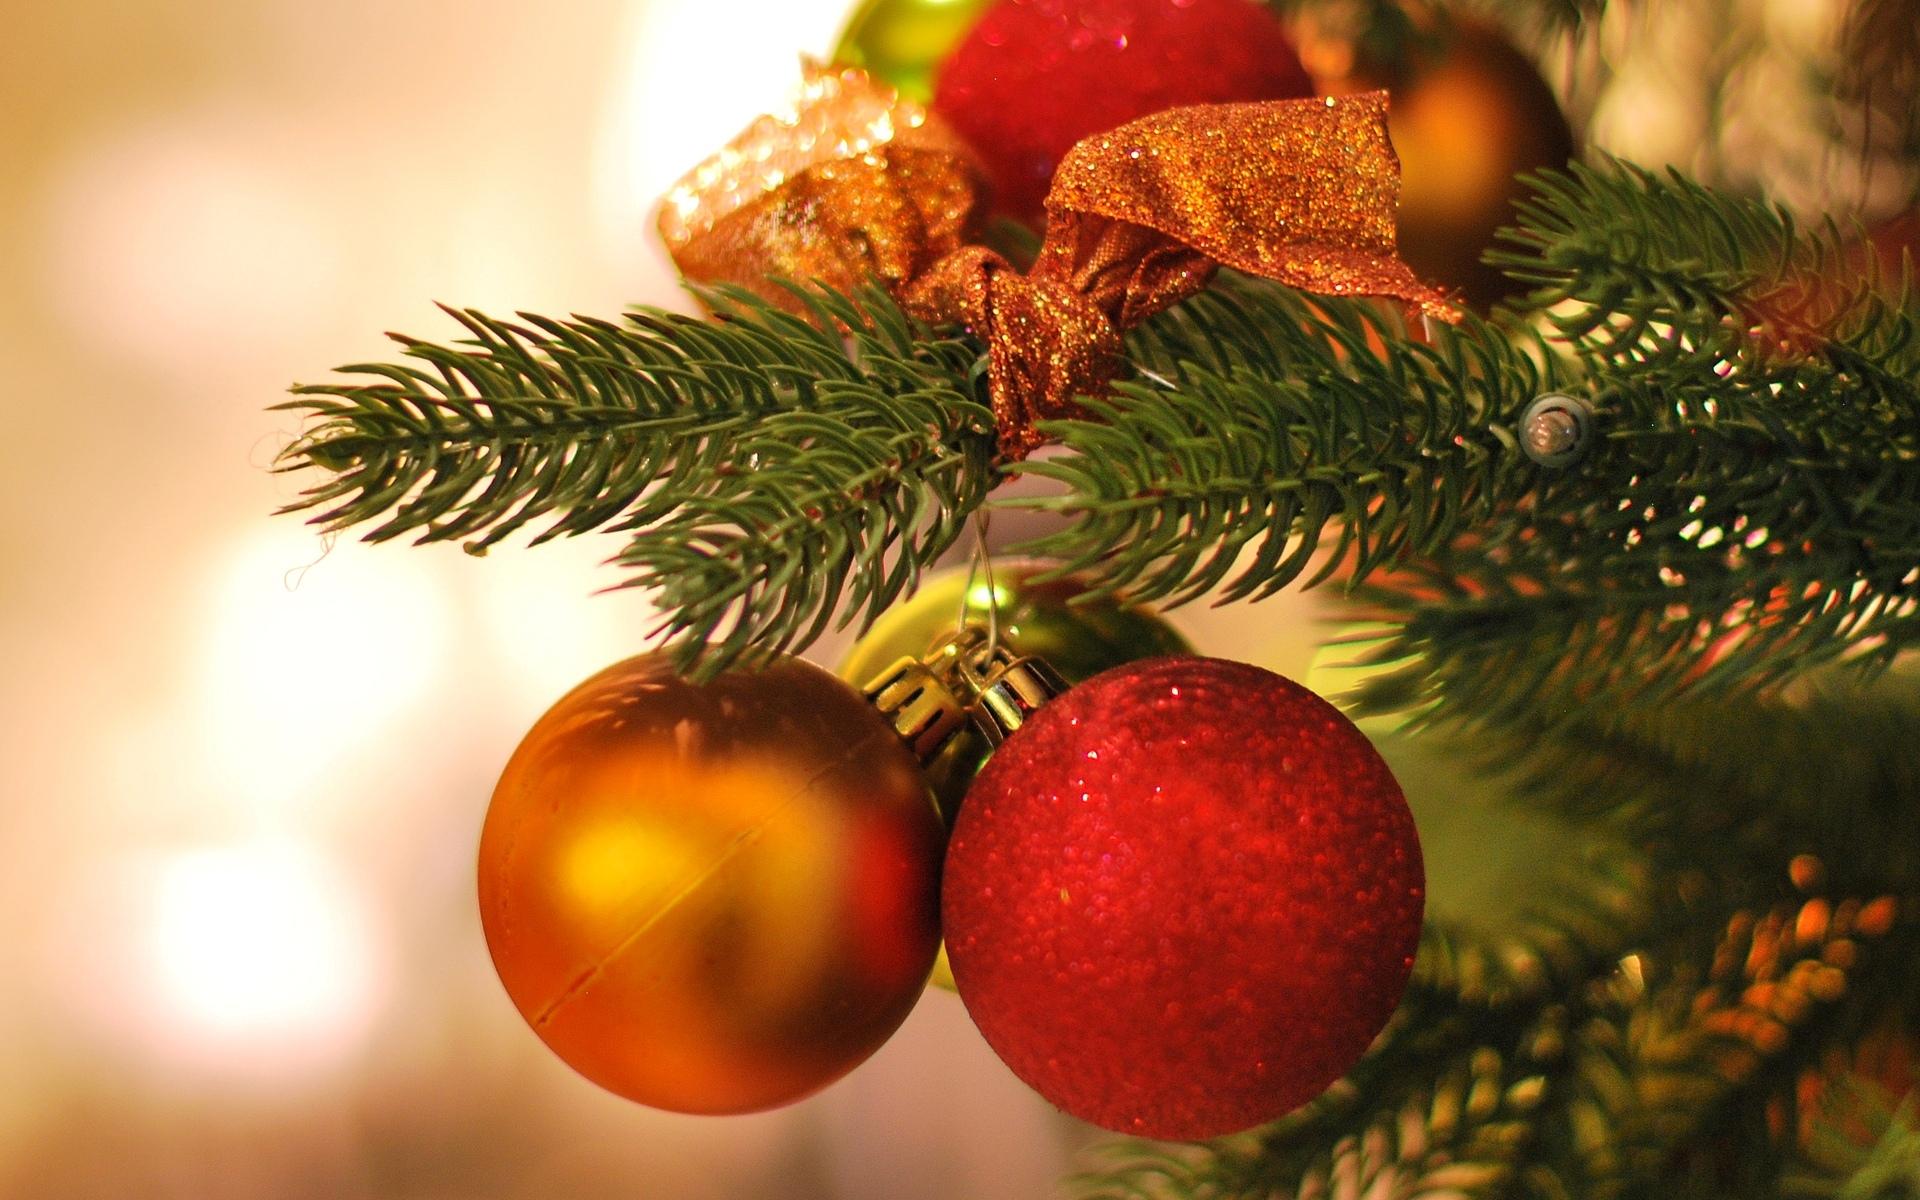 флоры широкоформатные картинки елка новогодняя прошло месяца